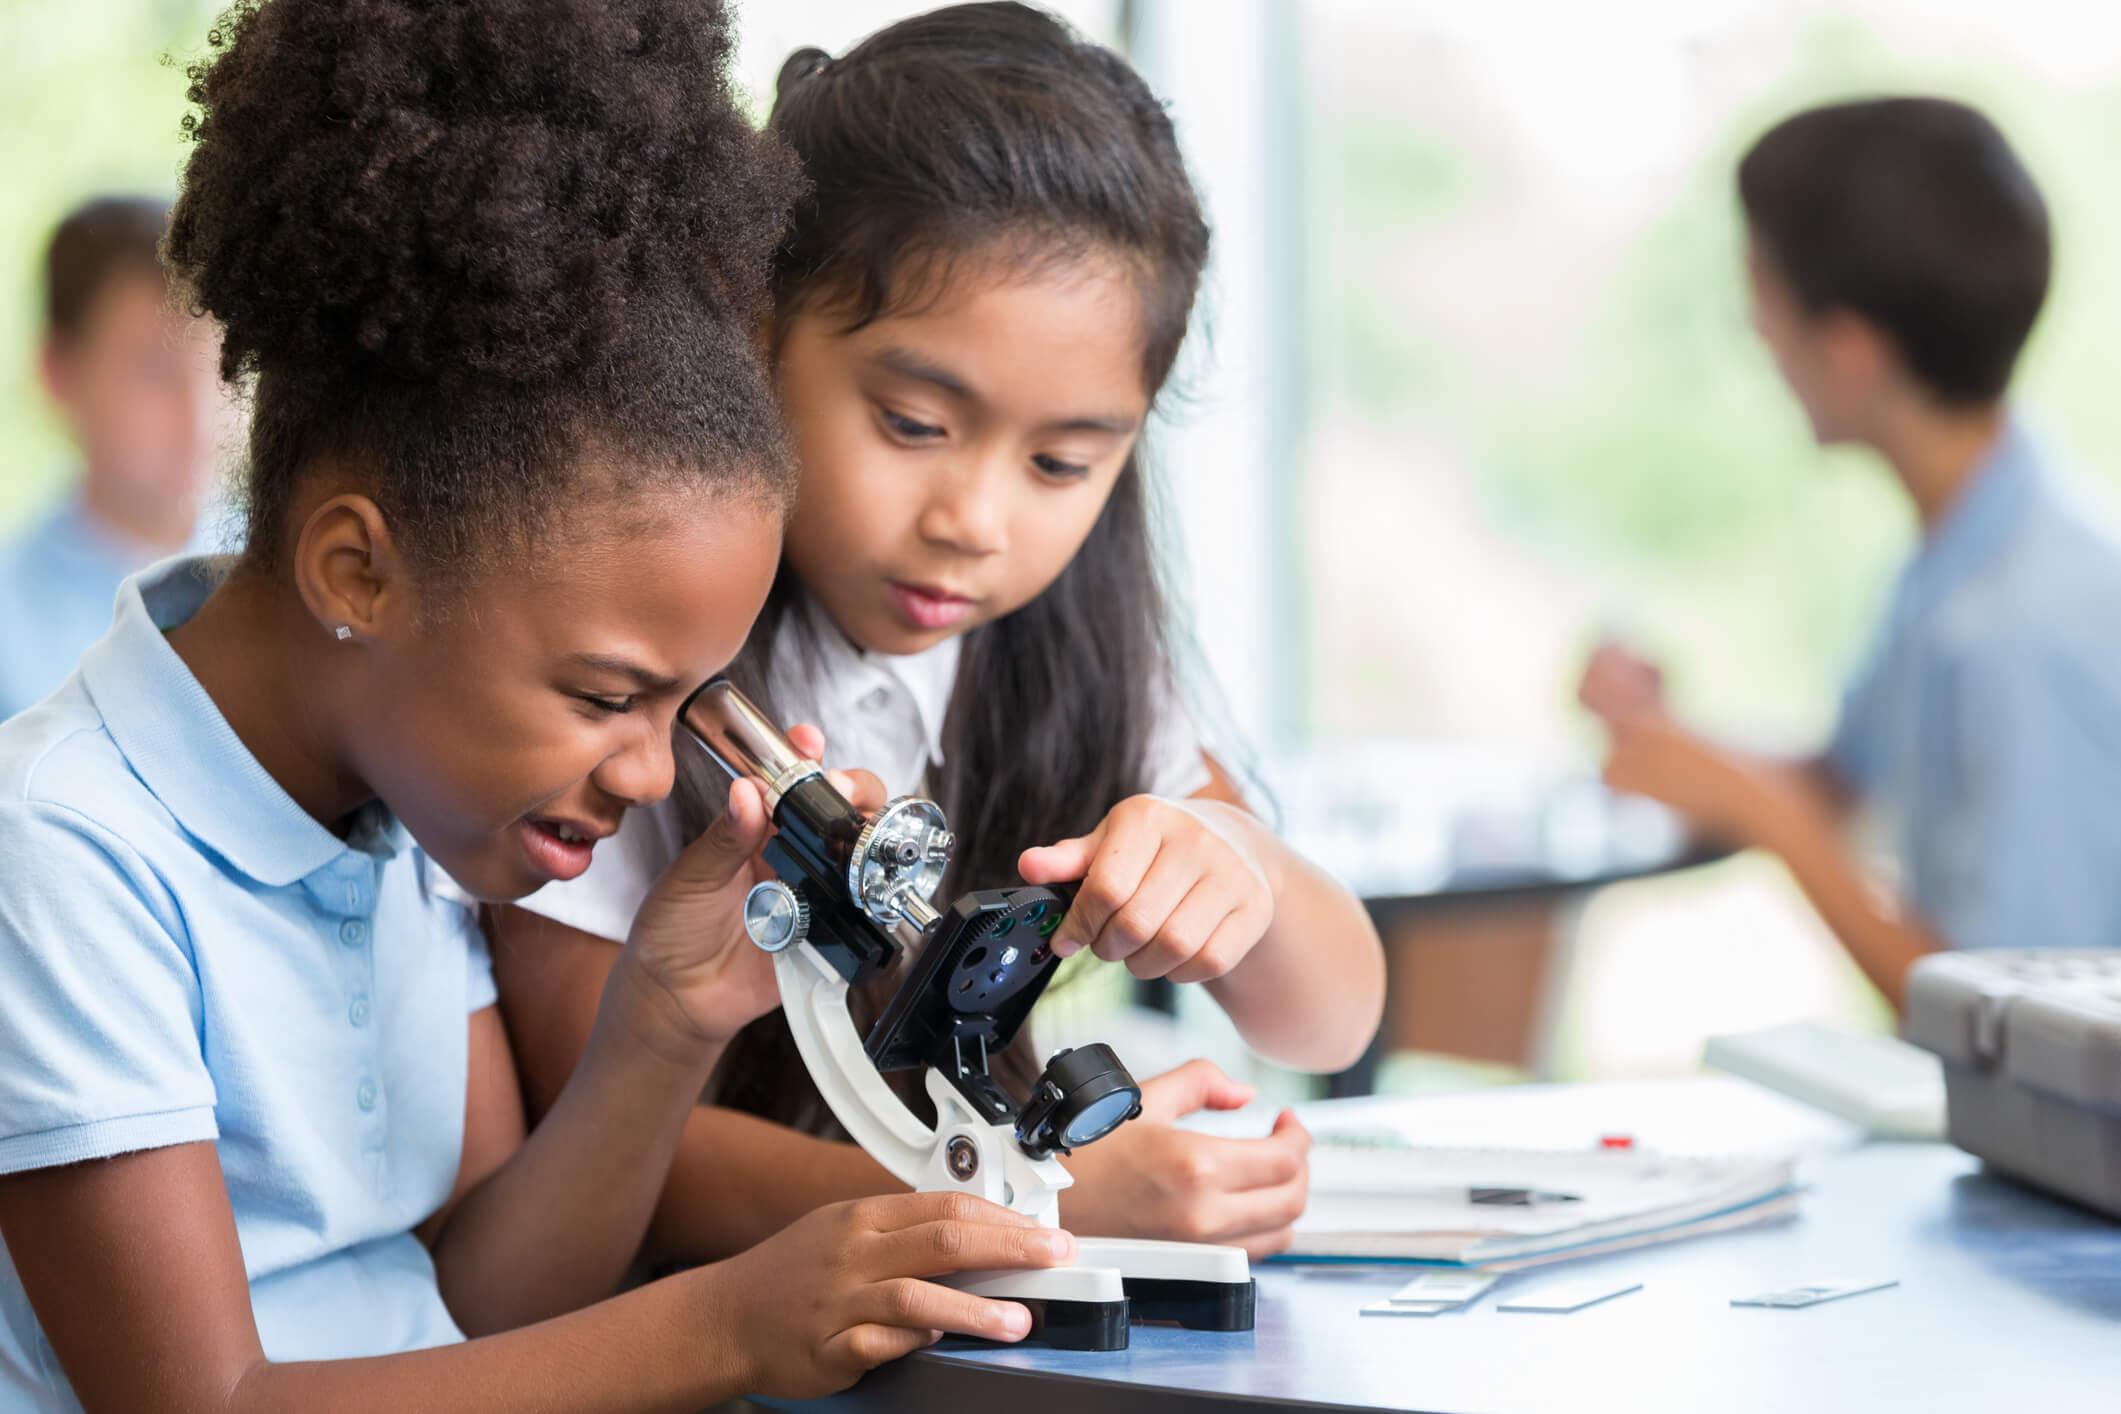 Why aren't more Girls choosing STEM careers?